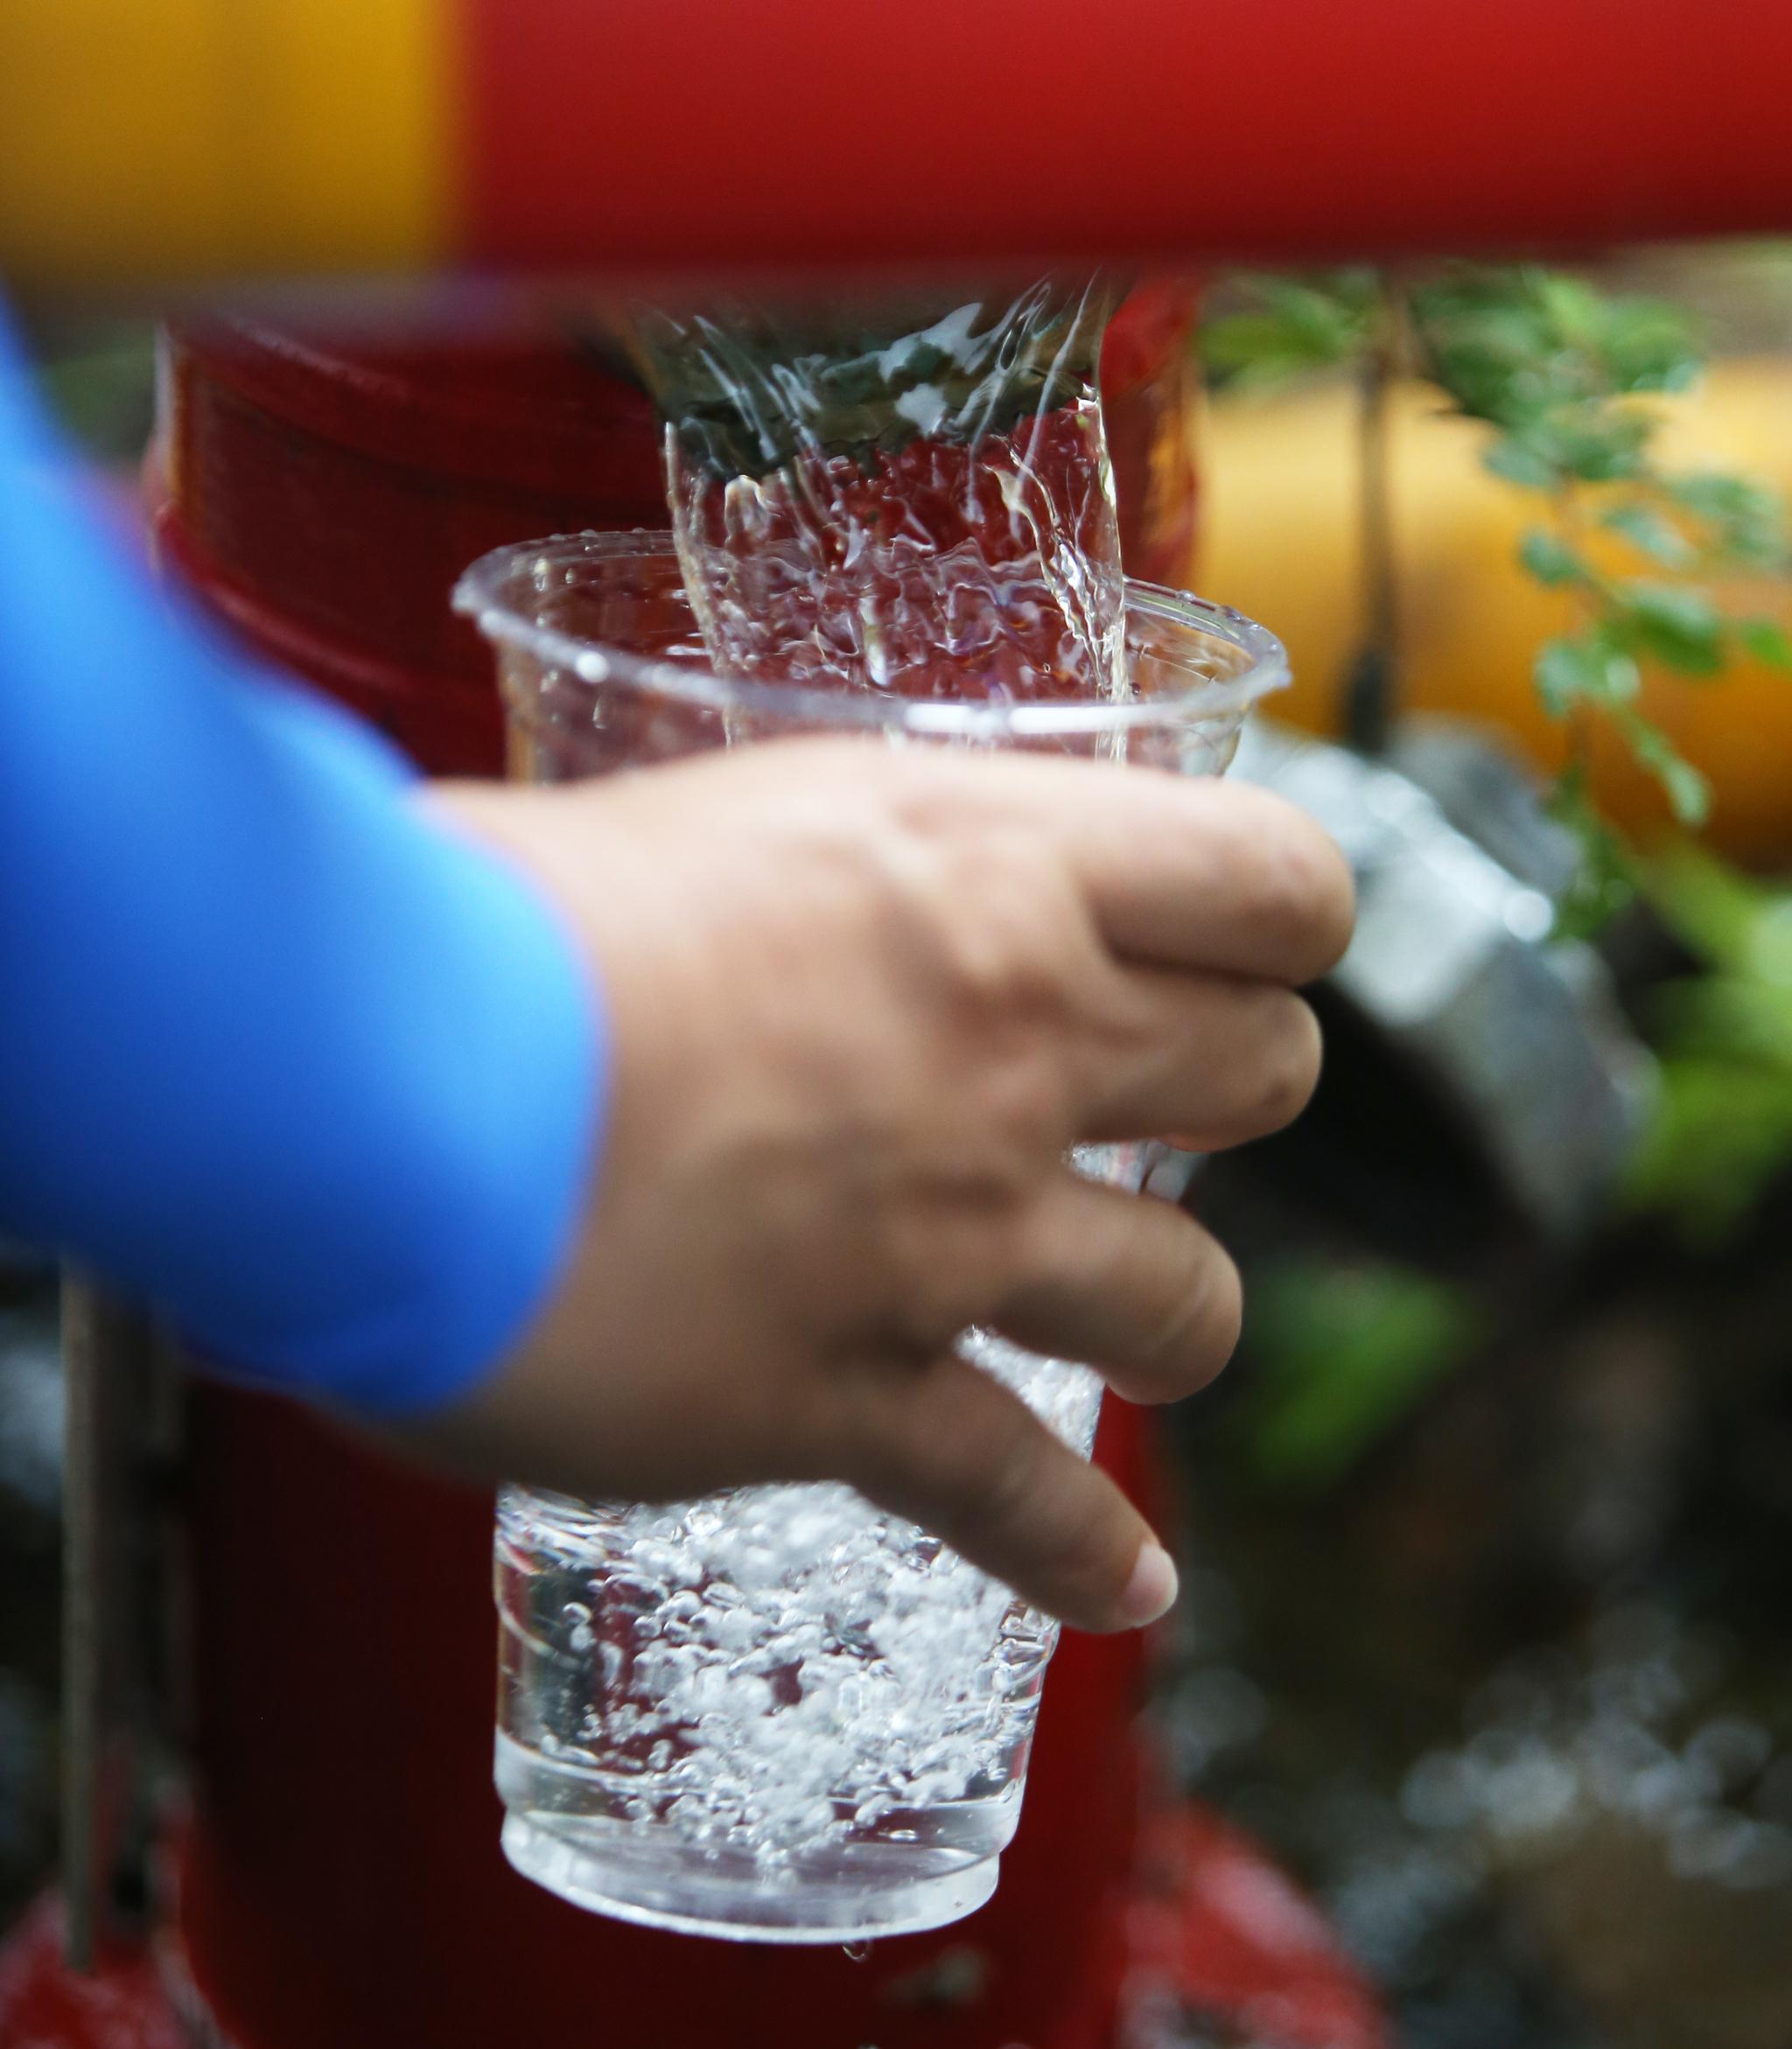 27일 오전 인천시 서구 청라동의 한 소화전에서 상수도사업본부 관계자들이 수돗물을 확인하고 있다. [뉴스1]